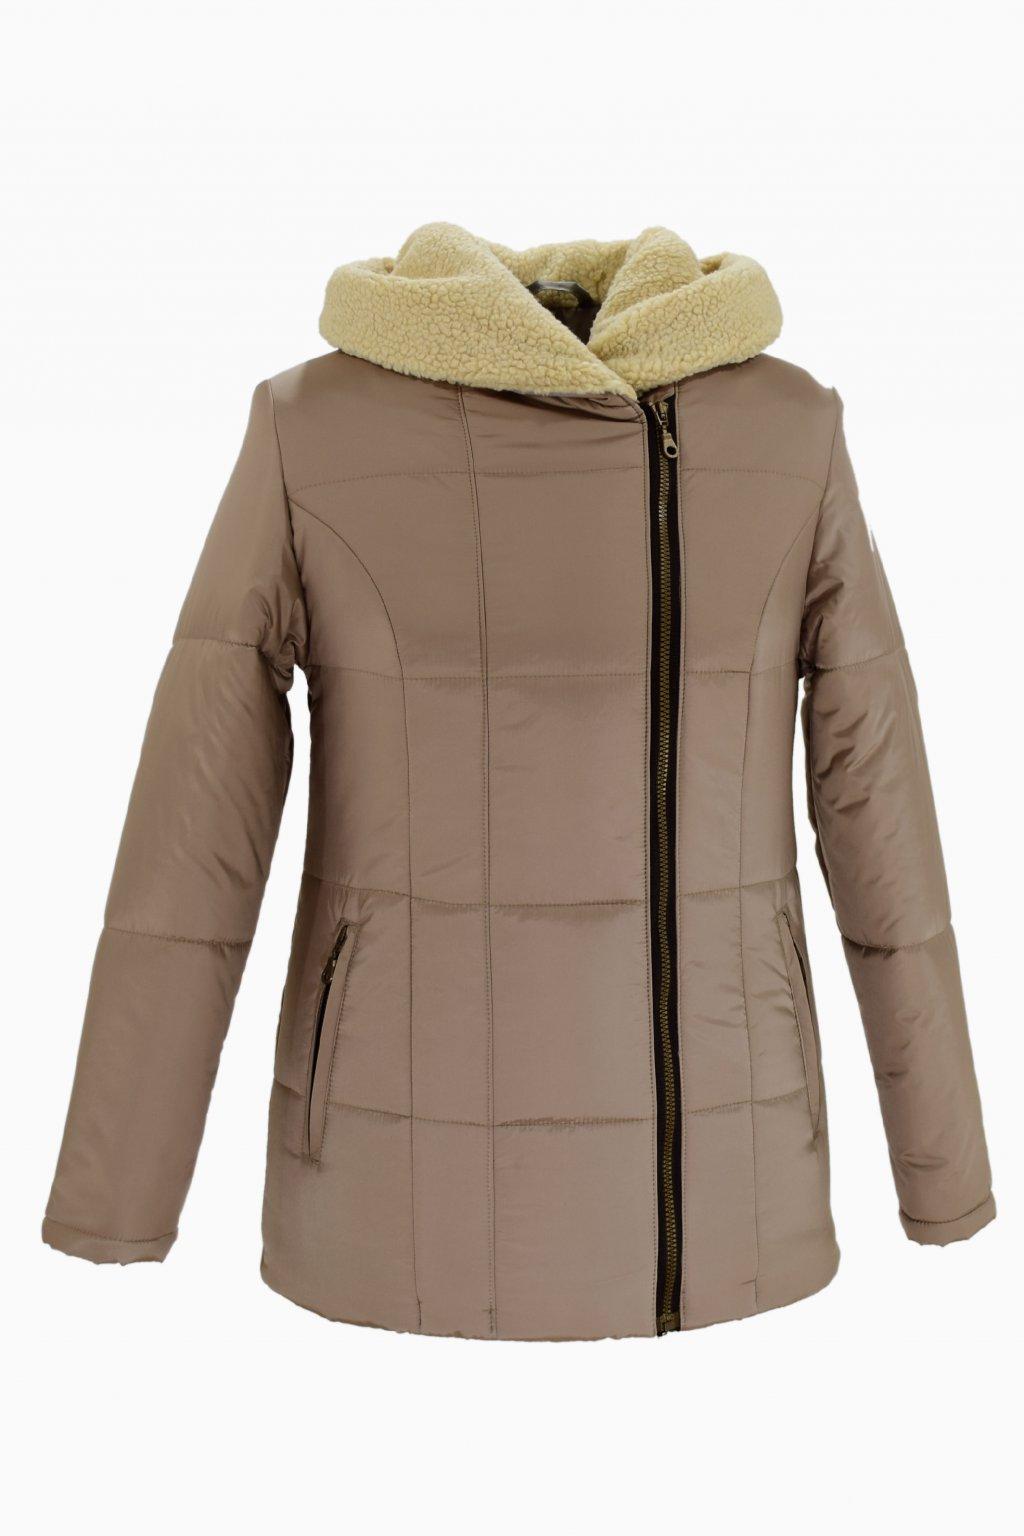 Dámská béžová zimní bunda XENA nadměrné velikosti.